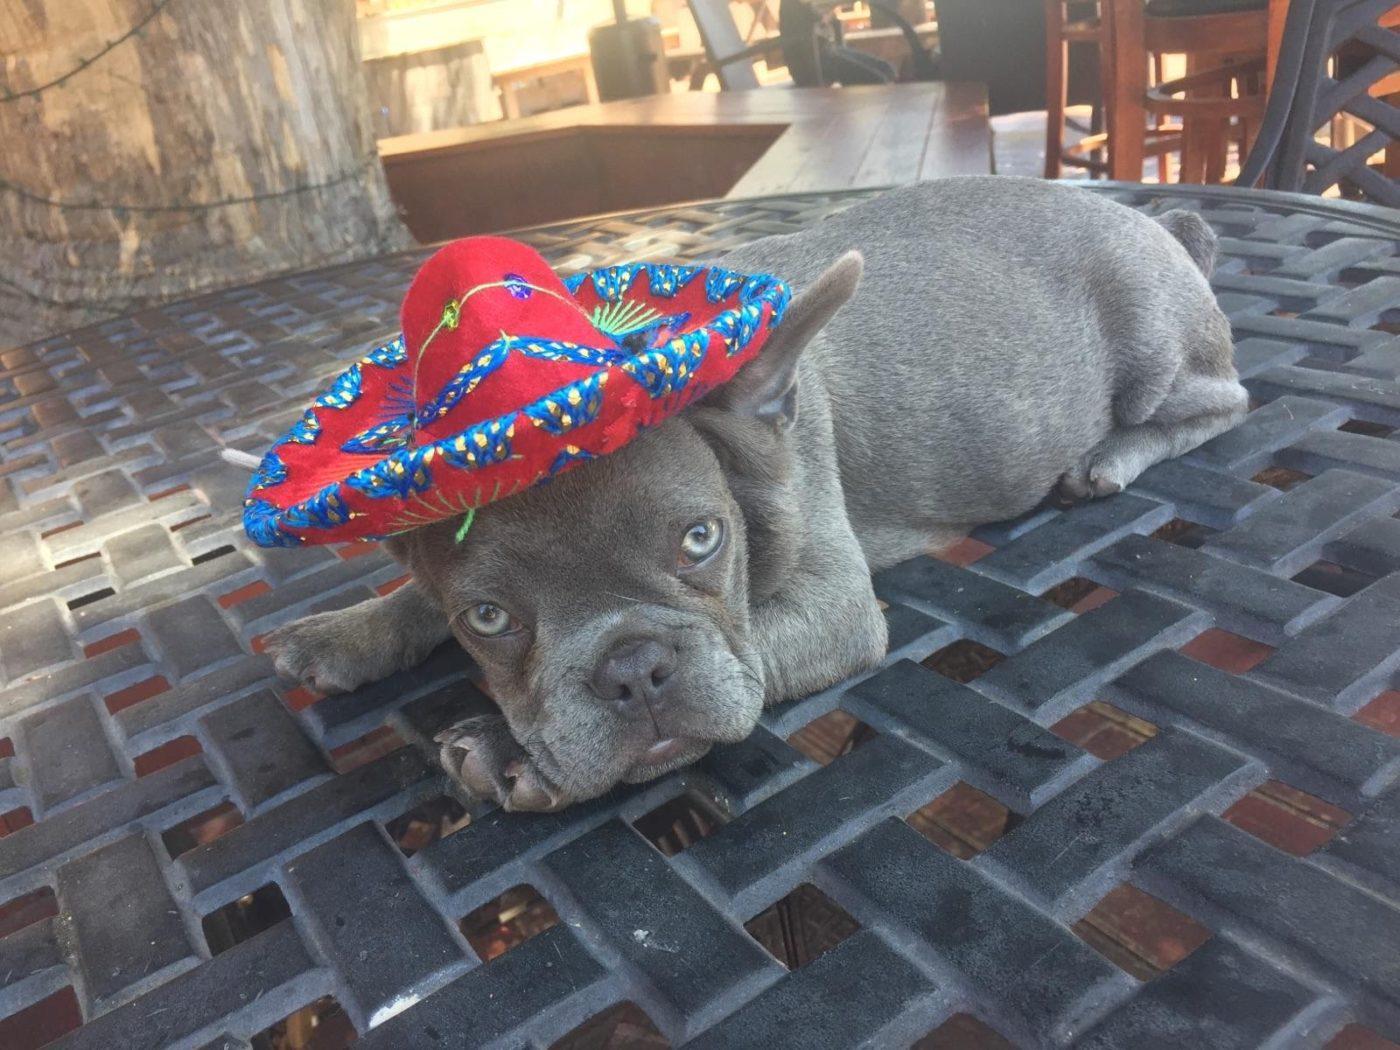 #cindodemayodog, #barkbustershomedogtraining, #sandiegodogtraining